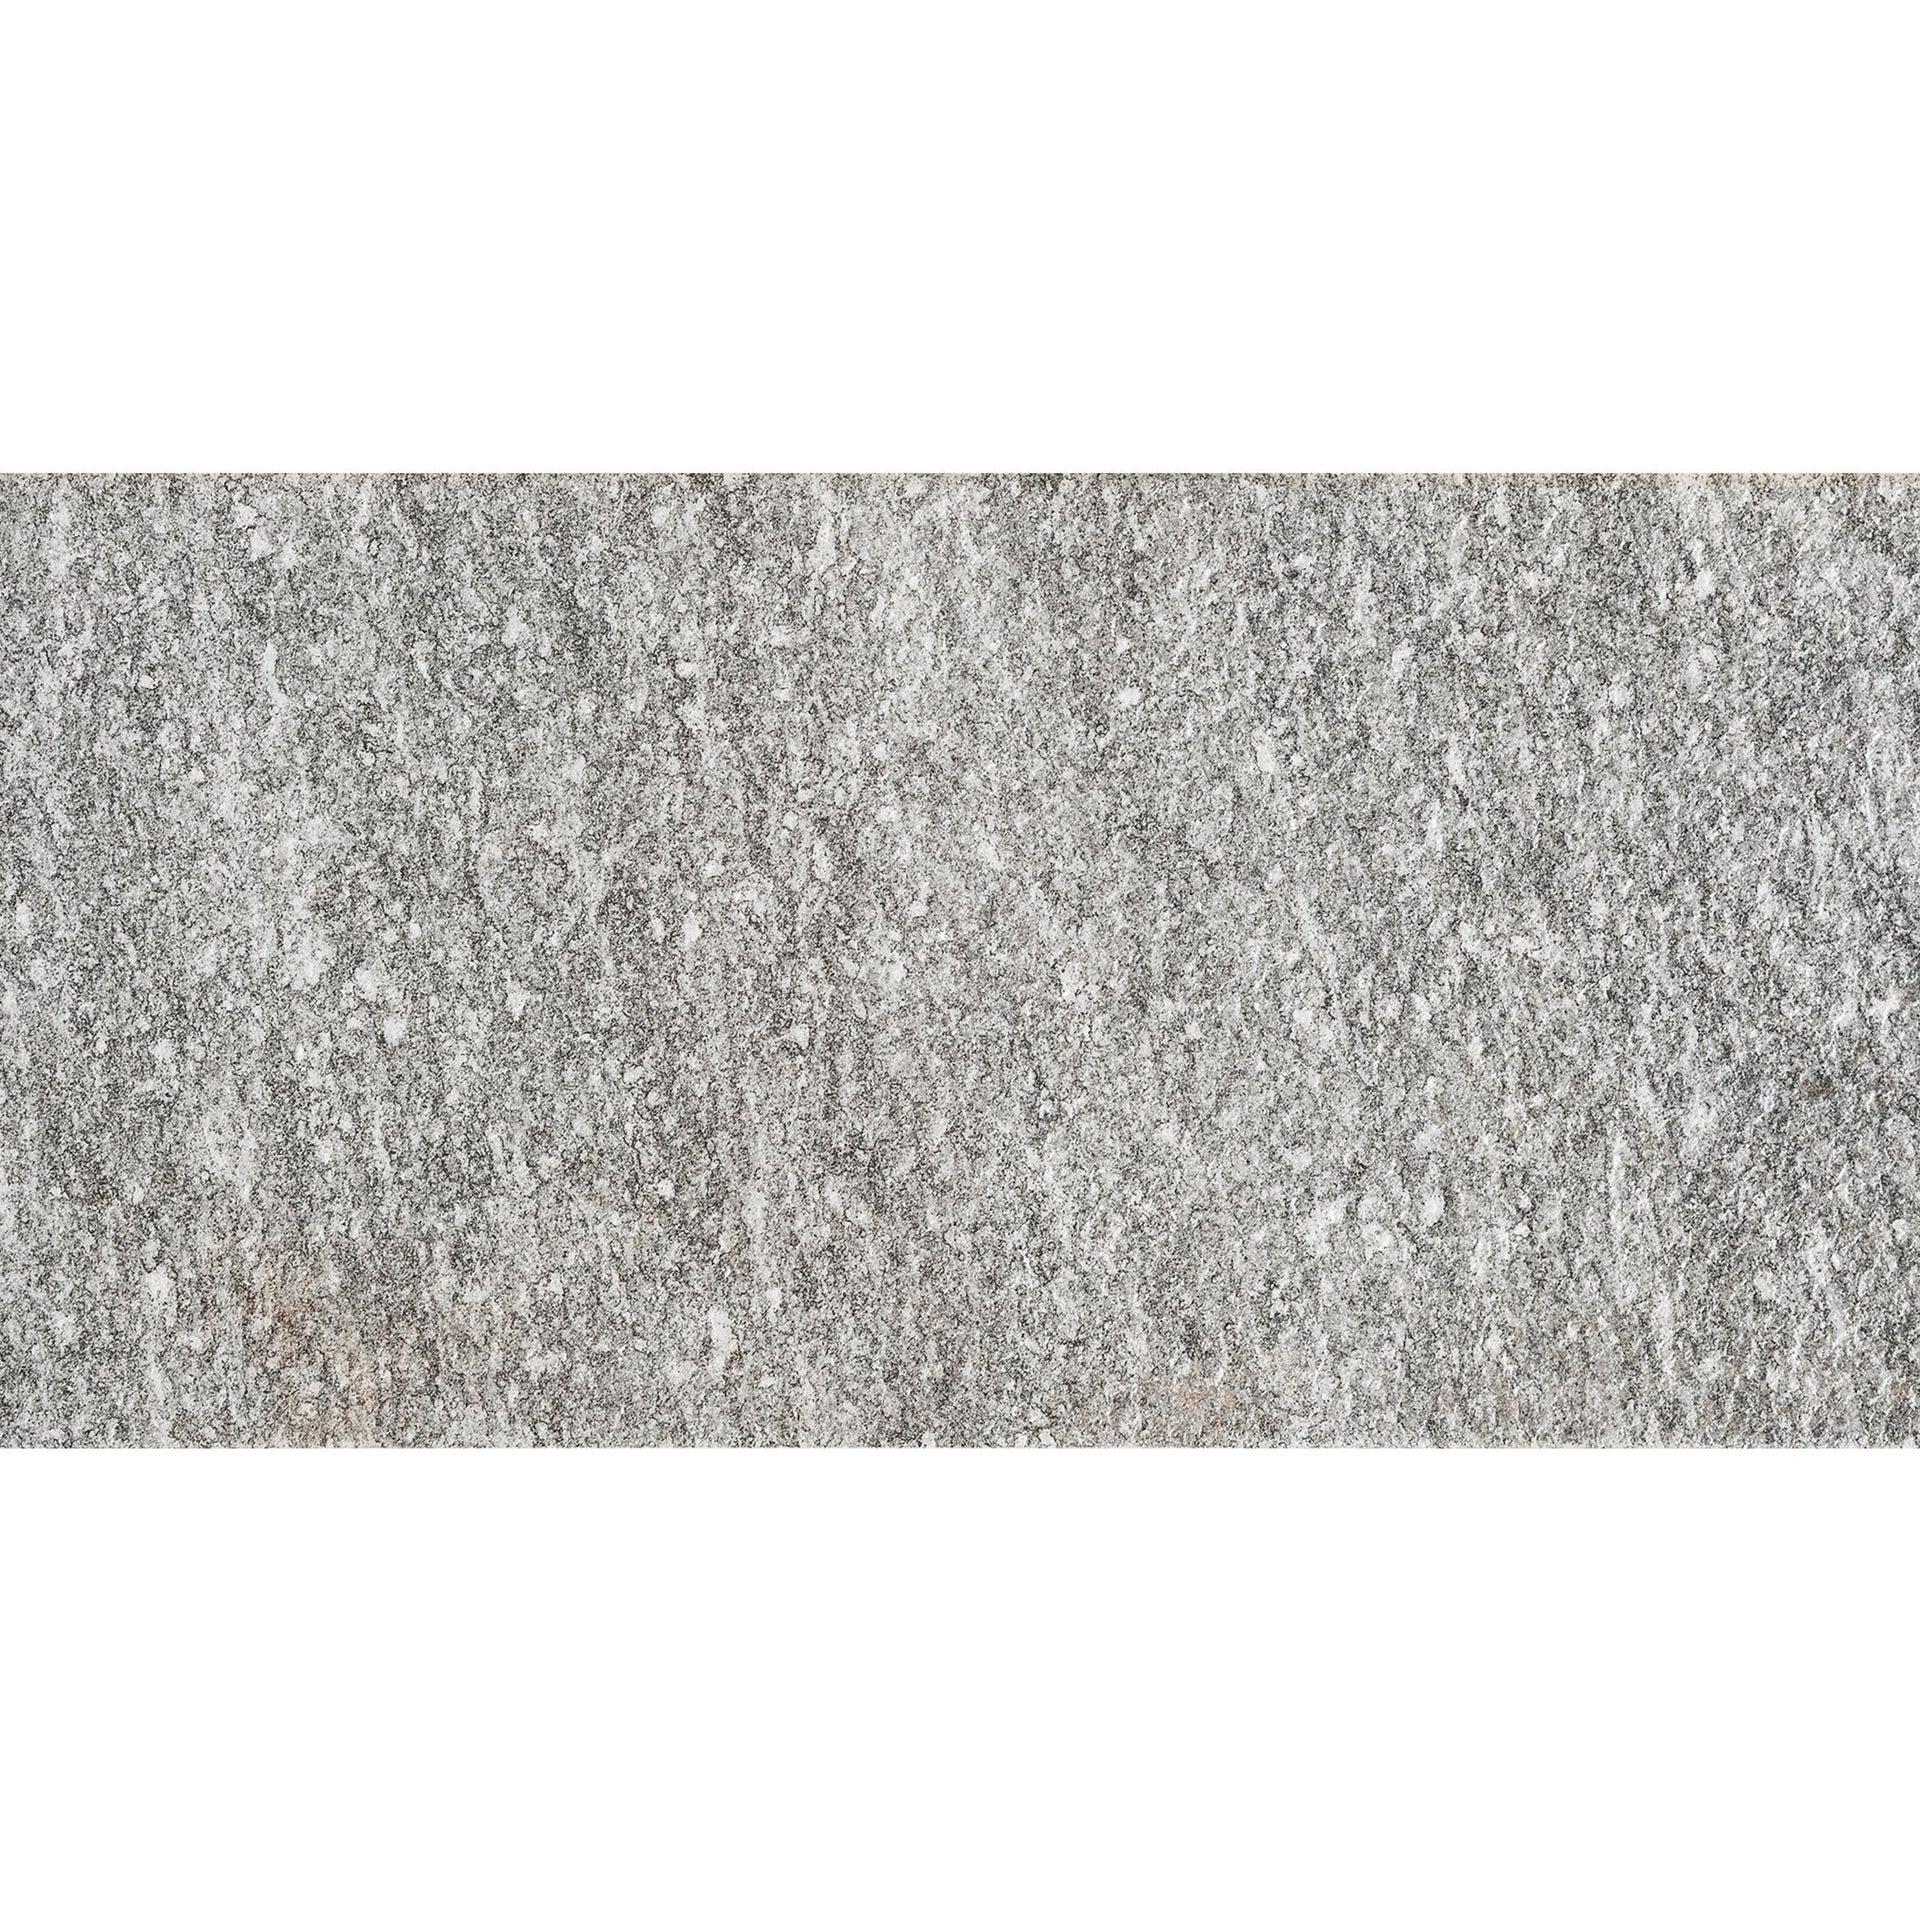 Piastrella Rocce Serizzo 20 x 40 cm sp. 8.5 mm PEI 4/5 grigio - 2